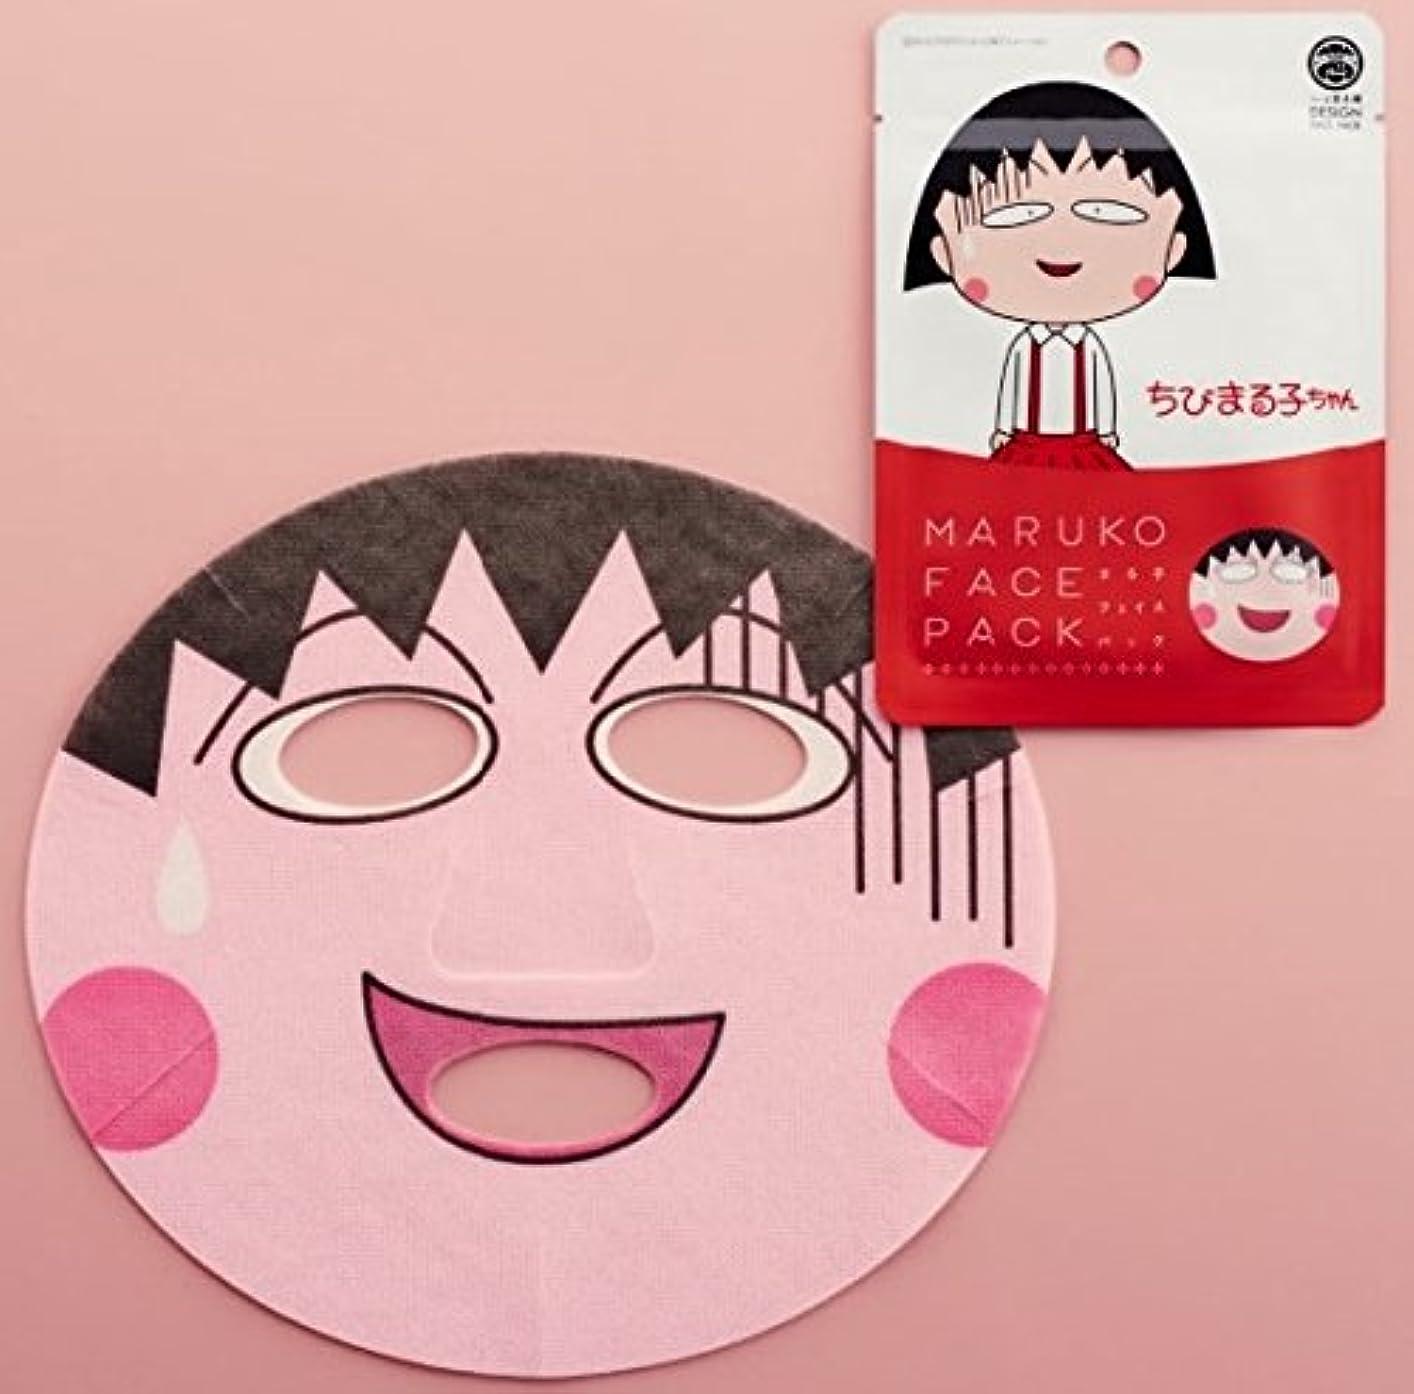 栄養麻痺戦艦ちびまる子ちゃん【まる子】 フェイスパック「クールジャパンフェイスパック」 フェイスマスク